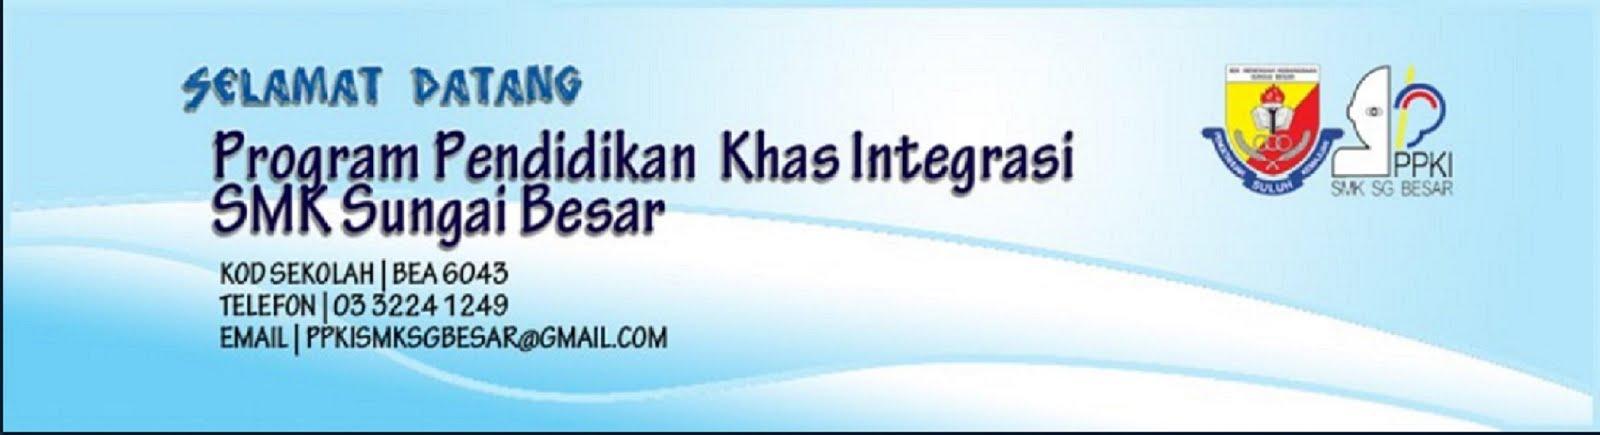 Selamat Datang ke Laman Web PPKI SMK Sg. Besar